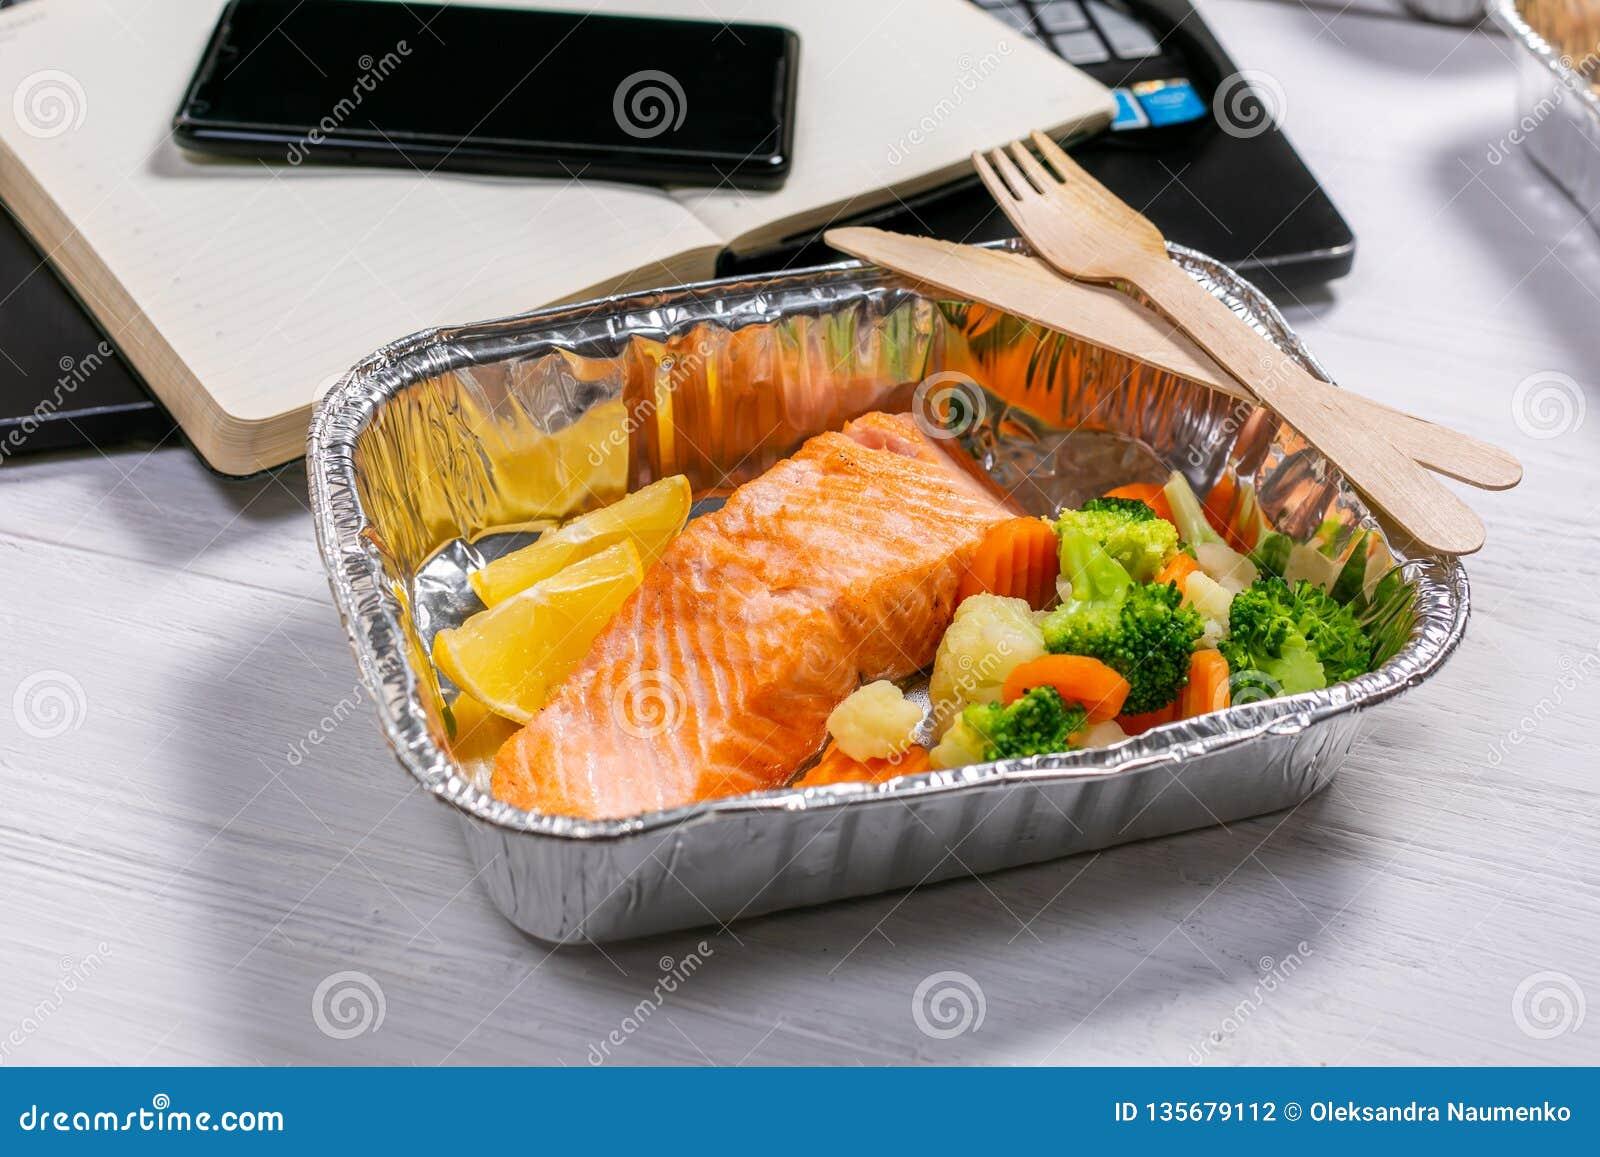 Gezonde voedsellevering aan werkruimte - containers, laptop, mobiele telefoon